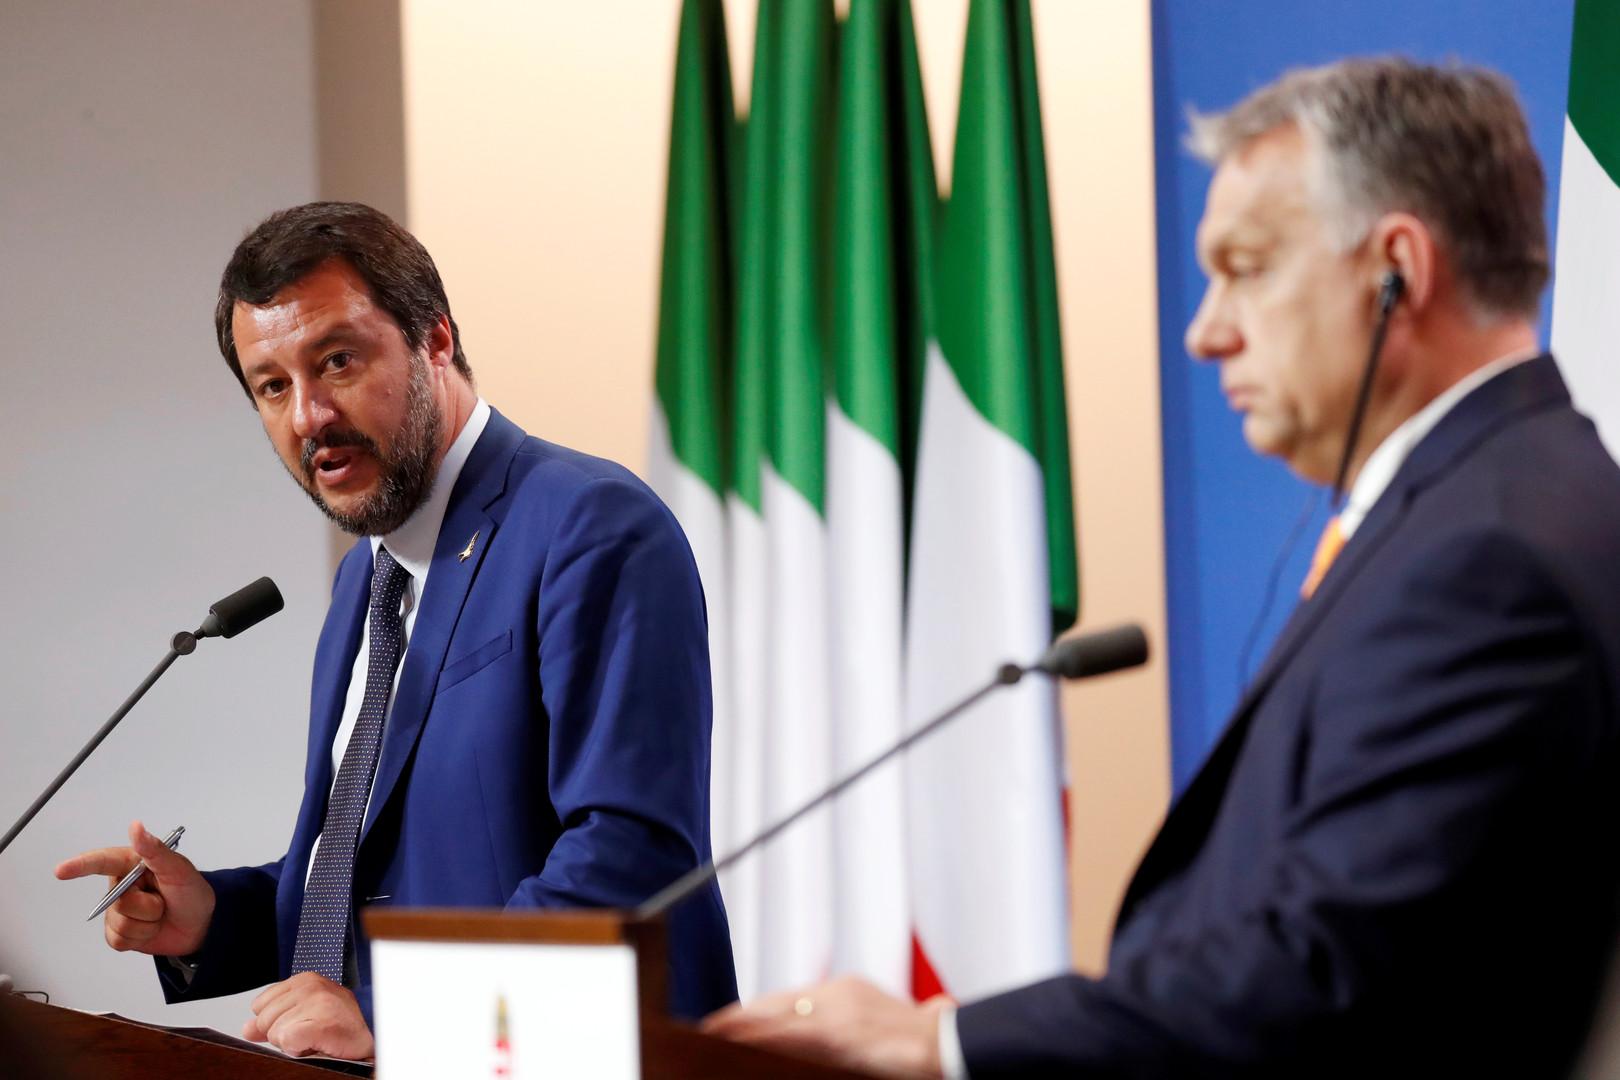 وزير الداخلية الإيطالي يحث الأوروبيين على منع